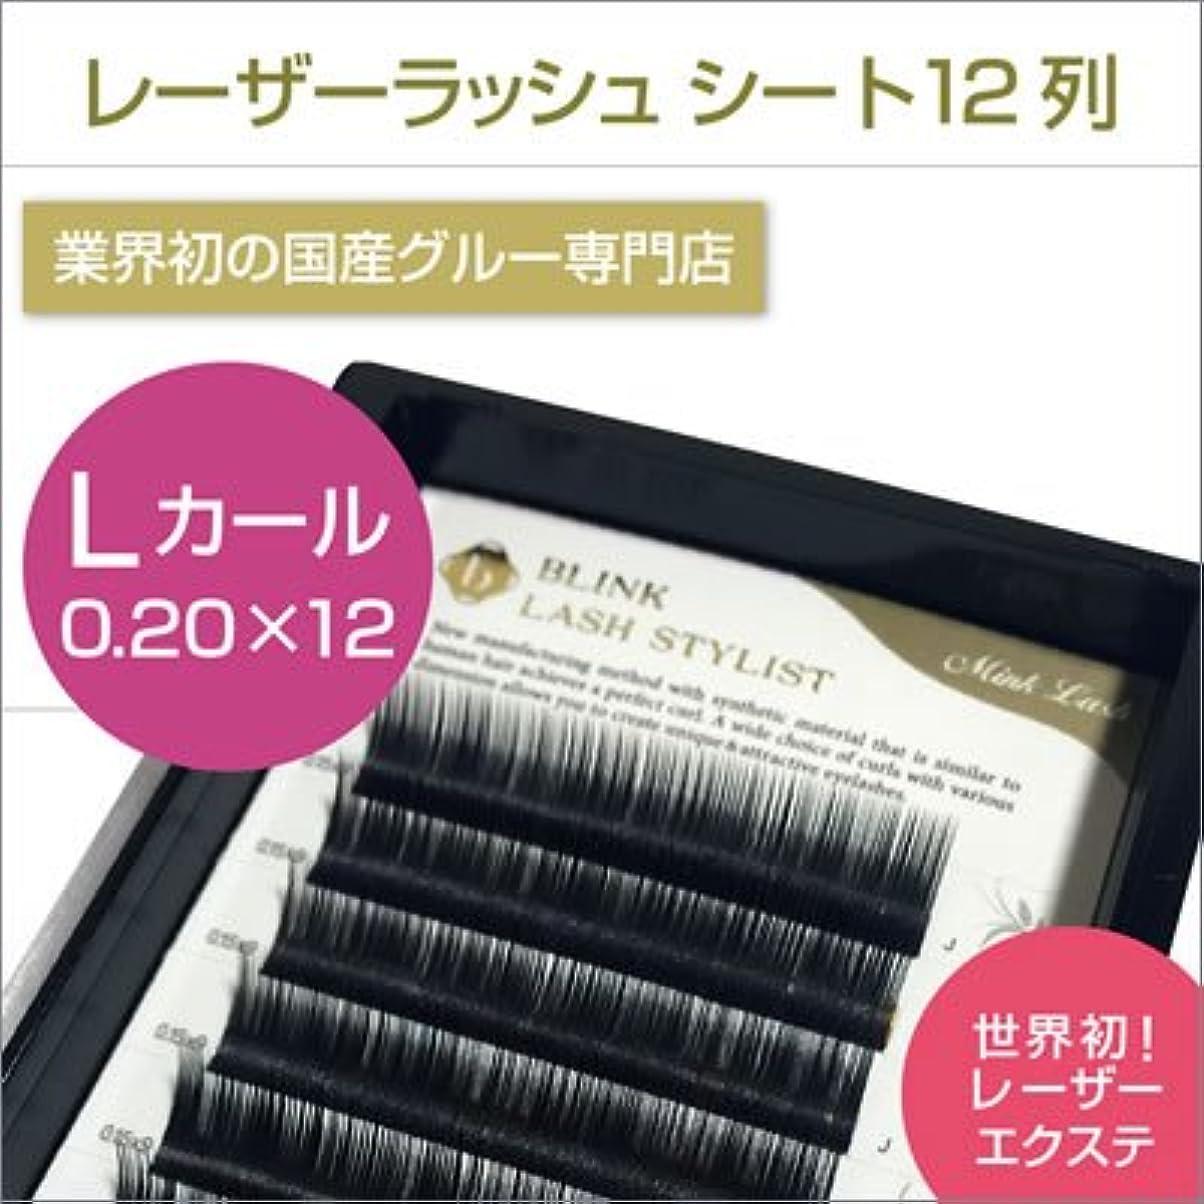 毒とにかく神社orlo(オルロ) レーザーエクステ ミンクラッシュ Lカール 0.2mm×12mm